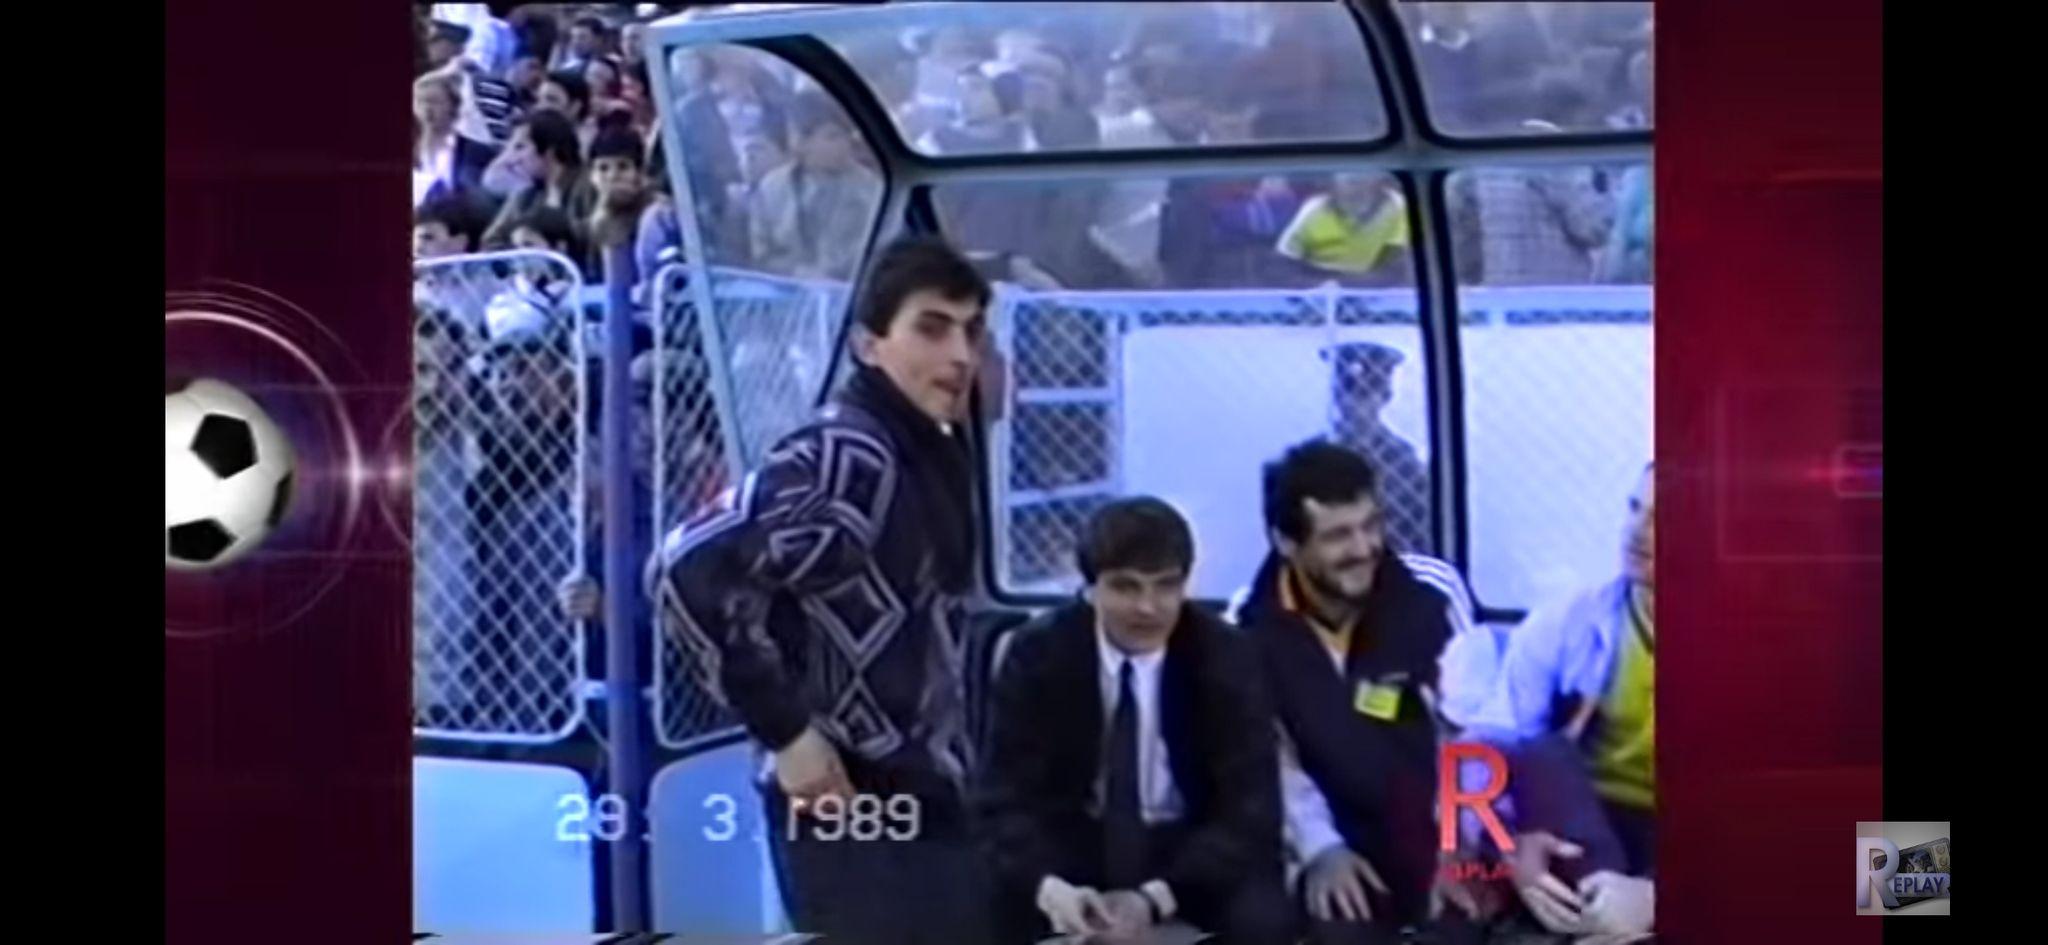 Gigi Becali, pe banca echipei naționale în 1989. Sursa foto: emisiunea Replay de la TVR